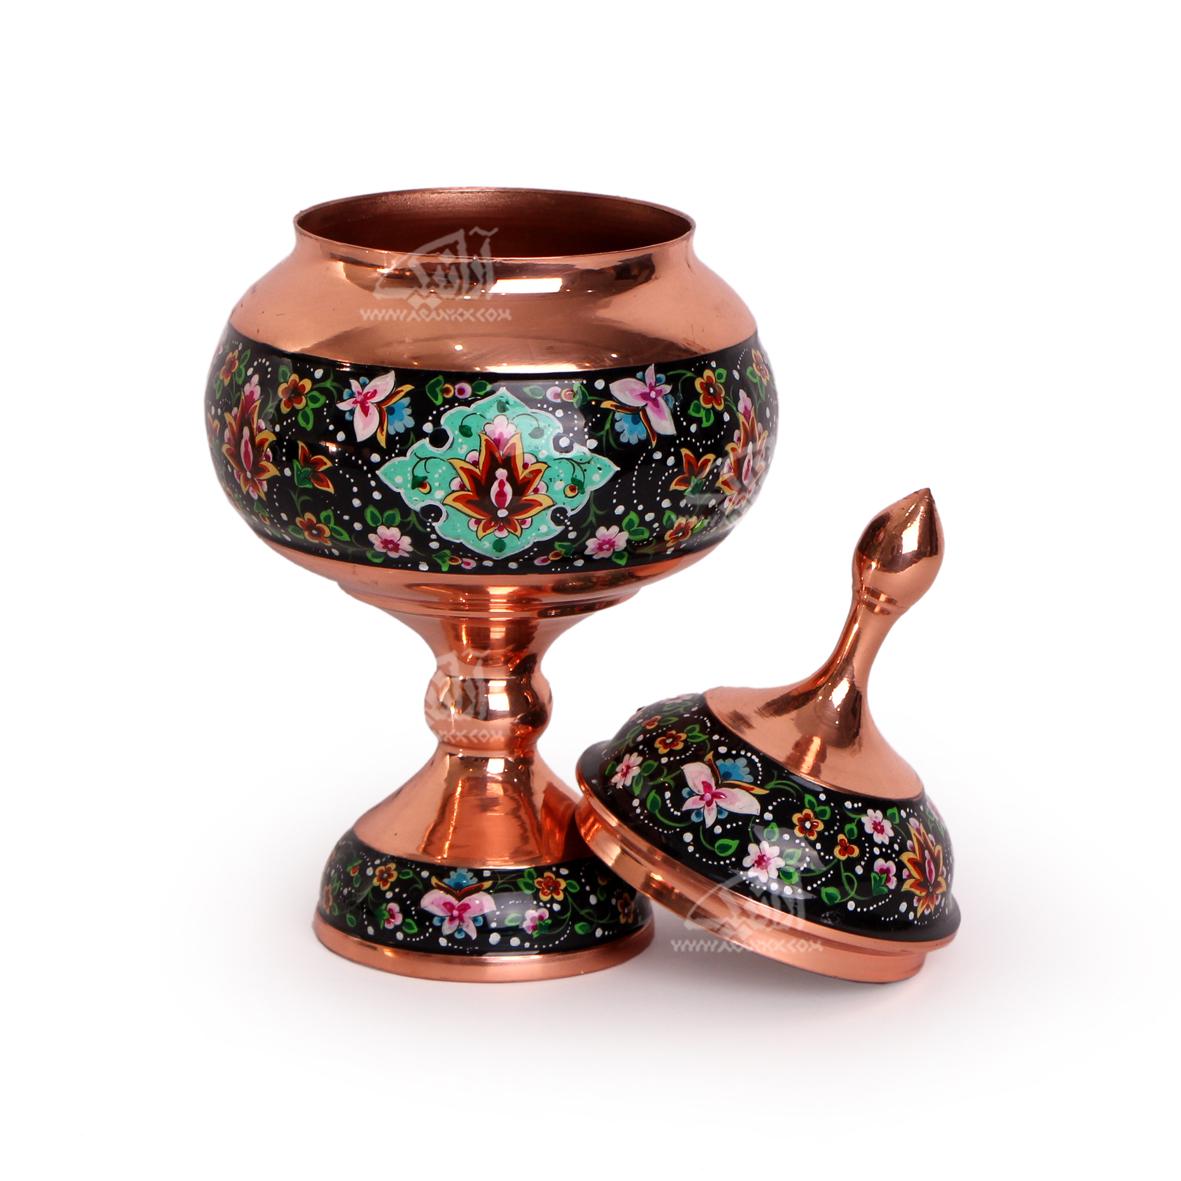 شکلات خوری پایه دار مس و پرداز رنگ مشکی  طرح شاه عباسی  مدل 1001200044 thumb 3